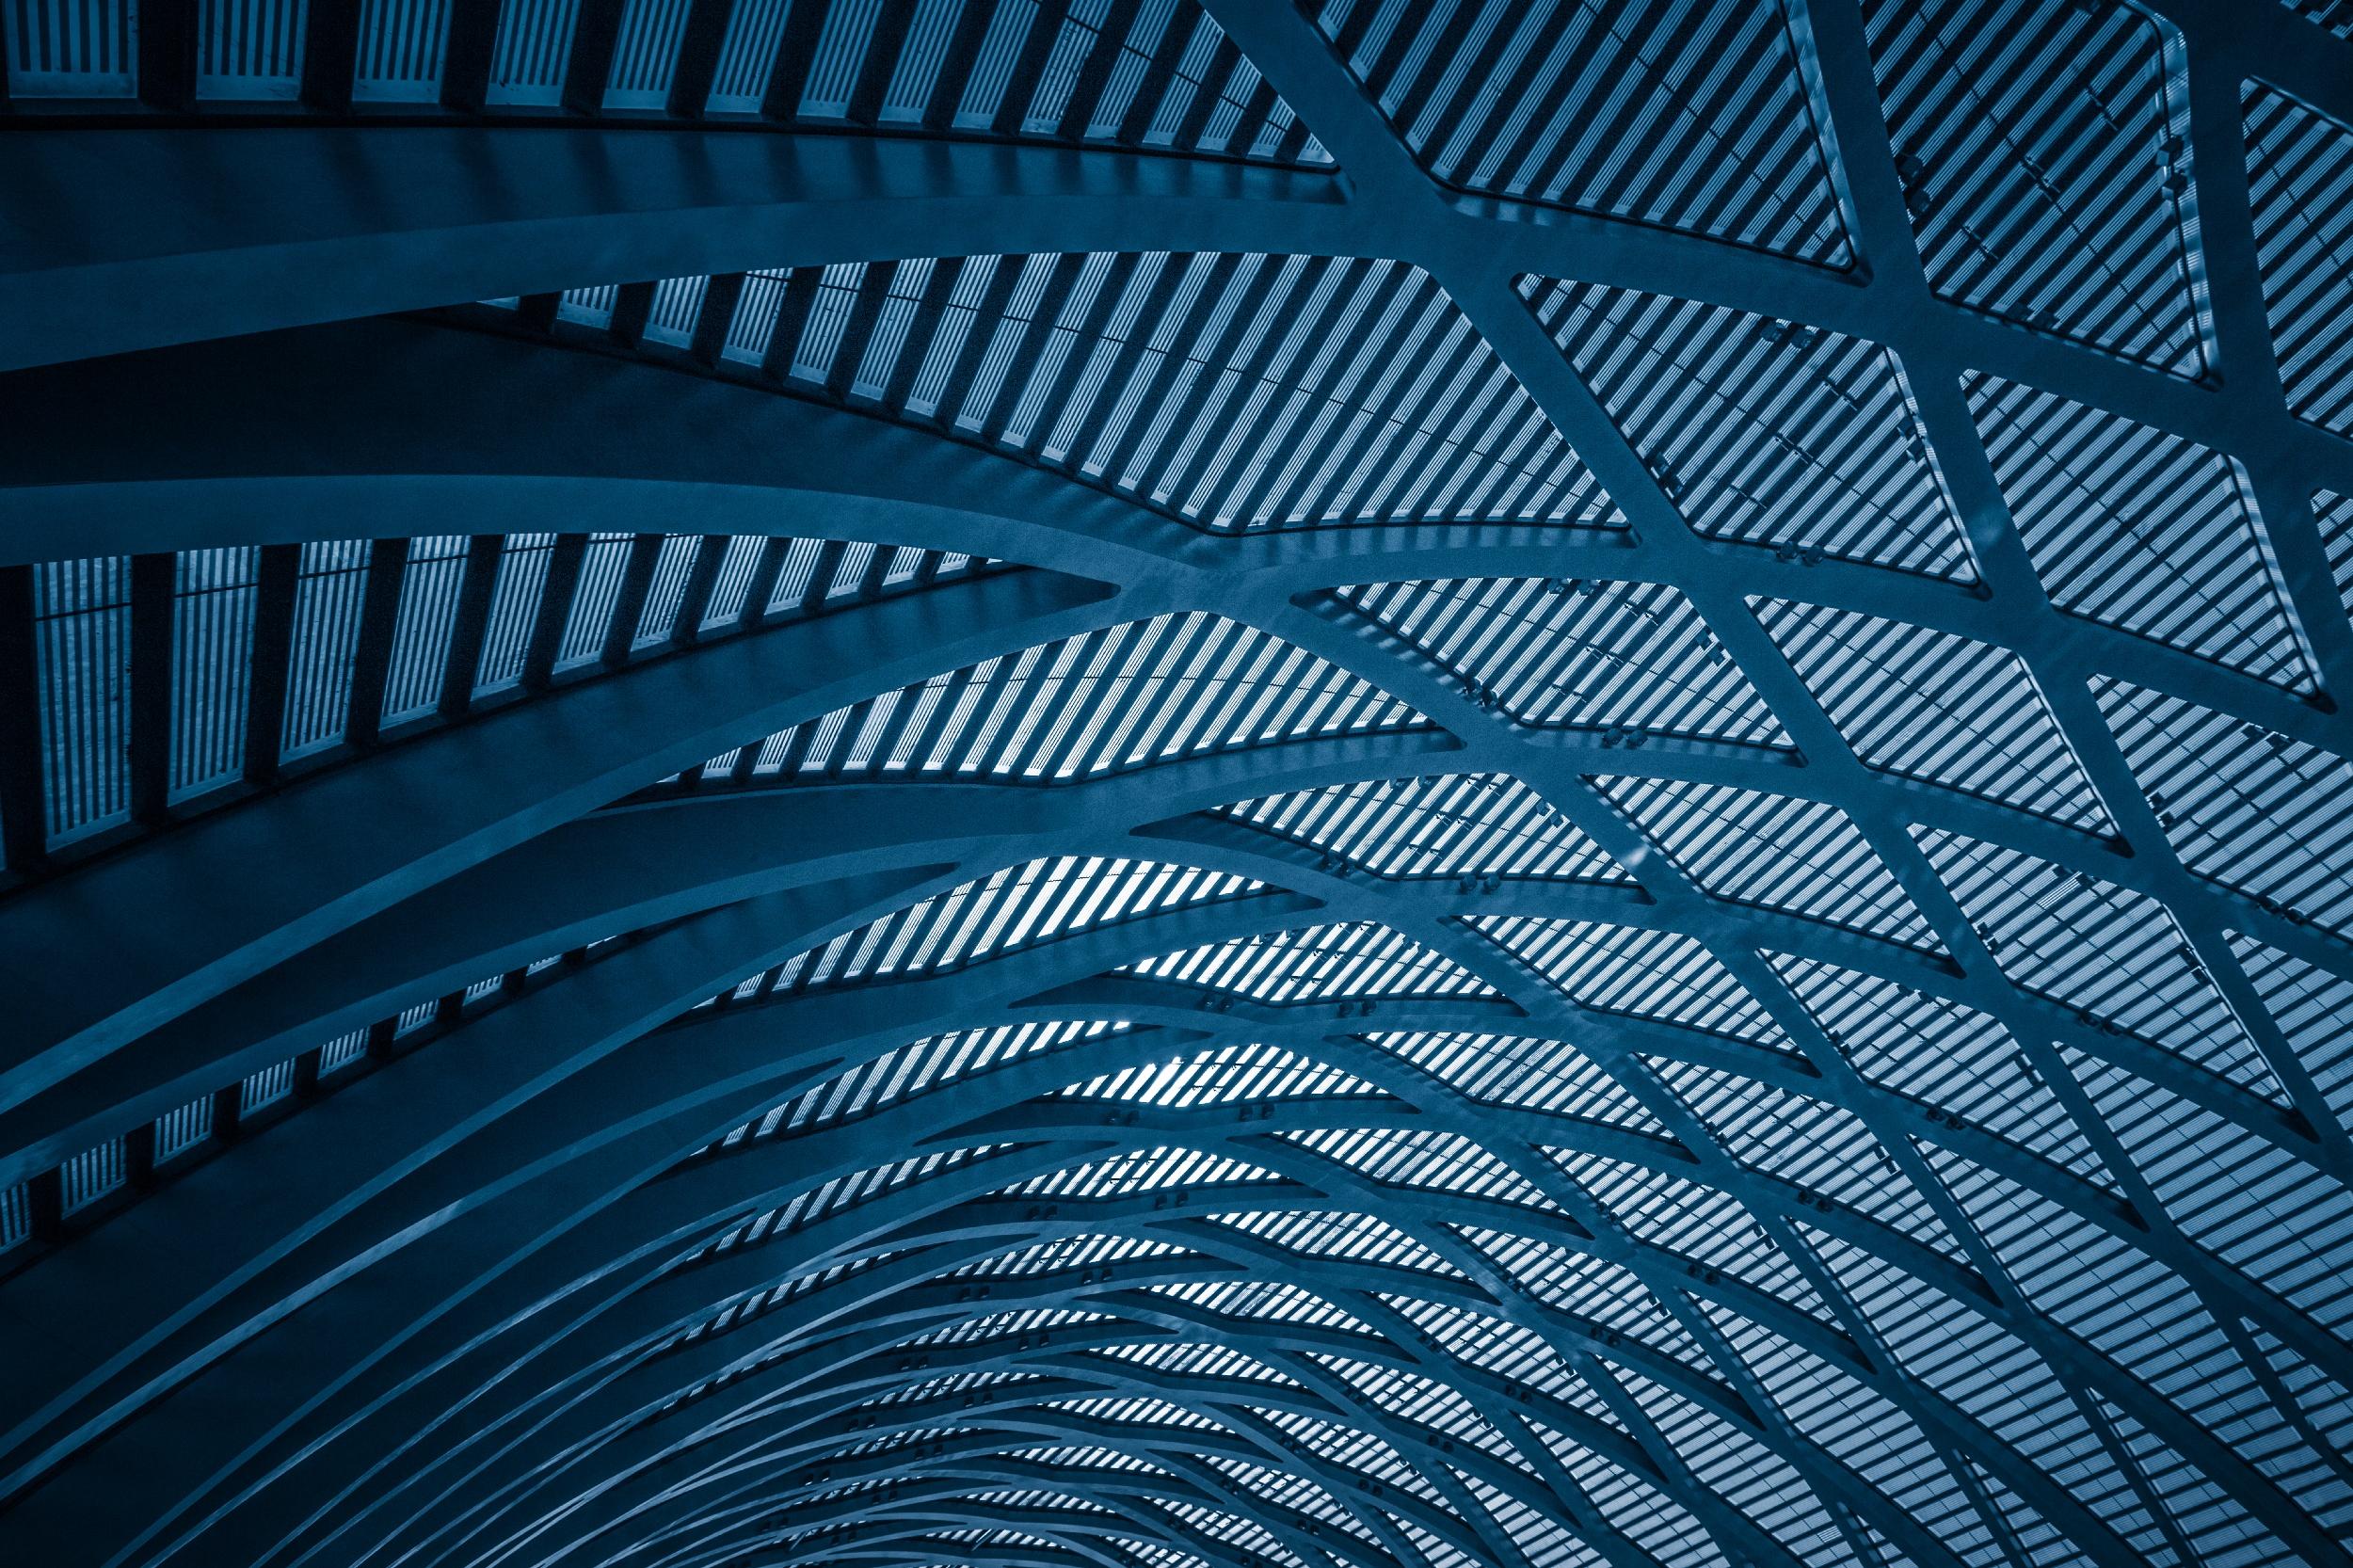 bluish arches-1